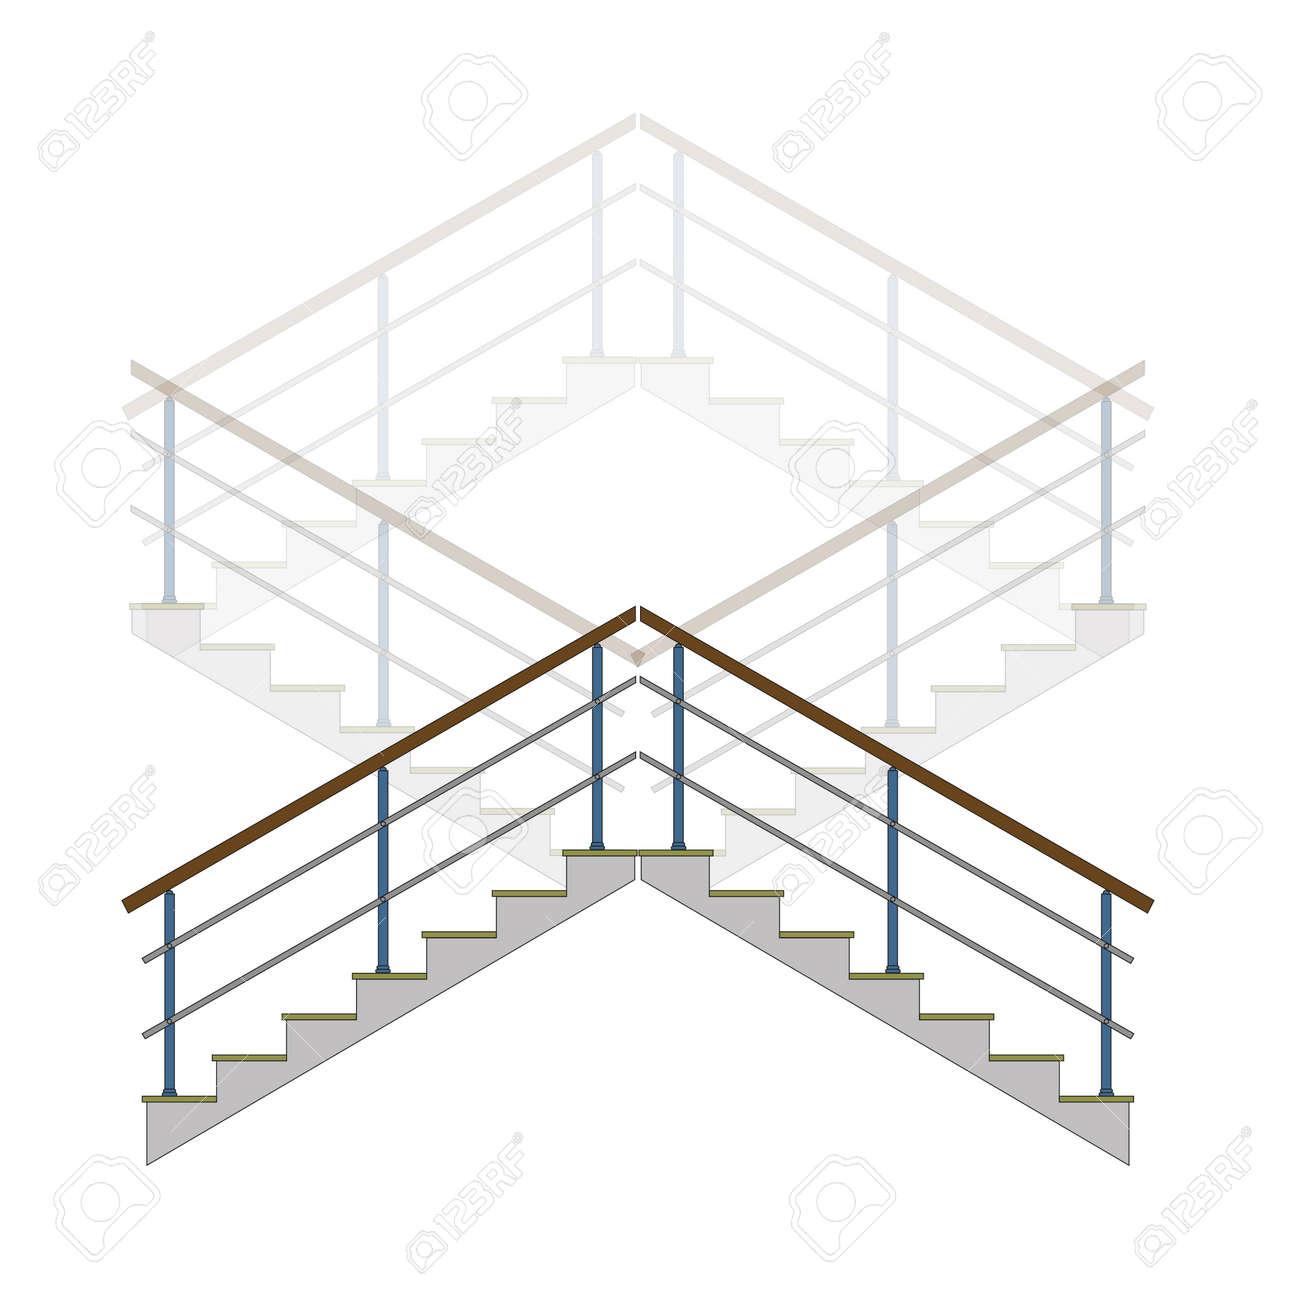 escalera con pasamanos escaleras escalera en vector foto de archivo